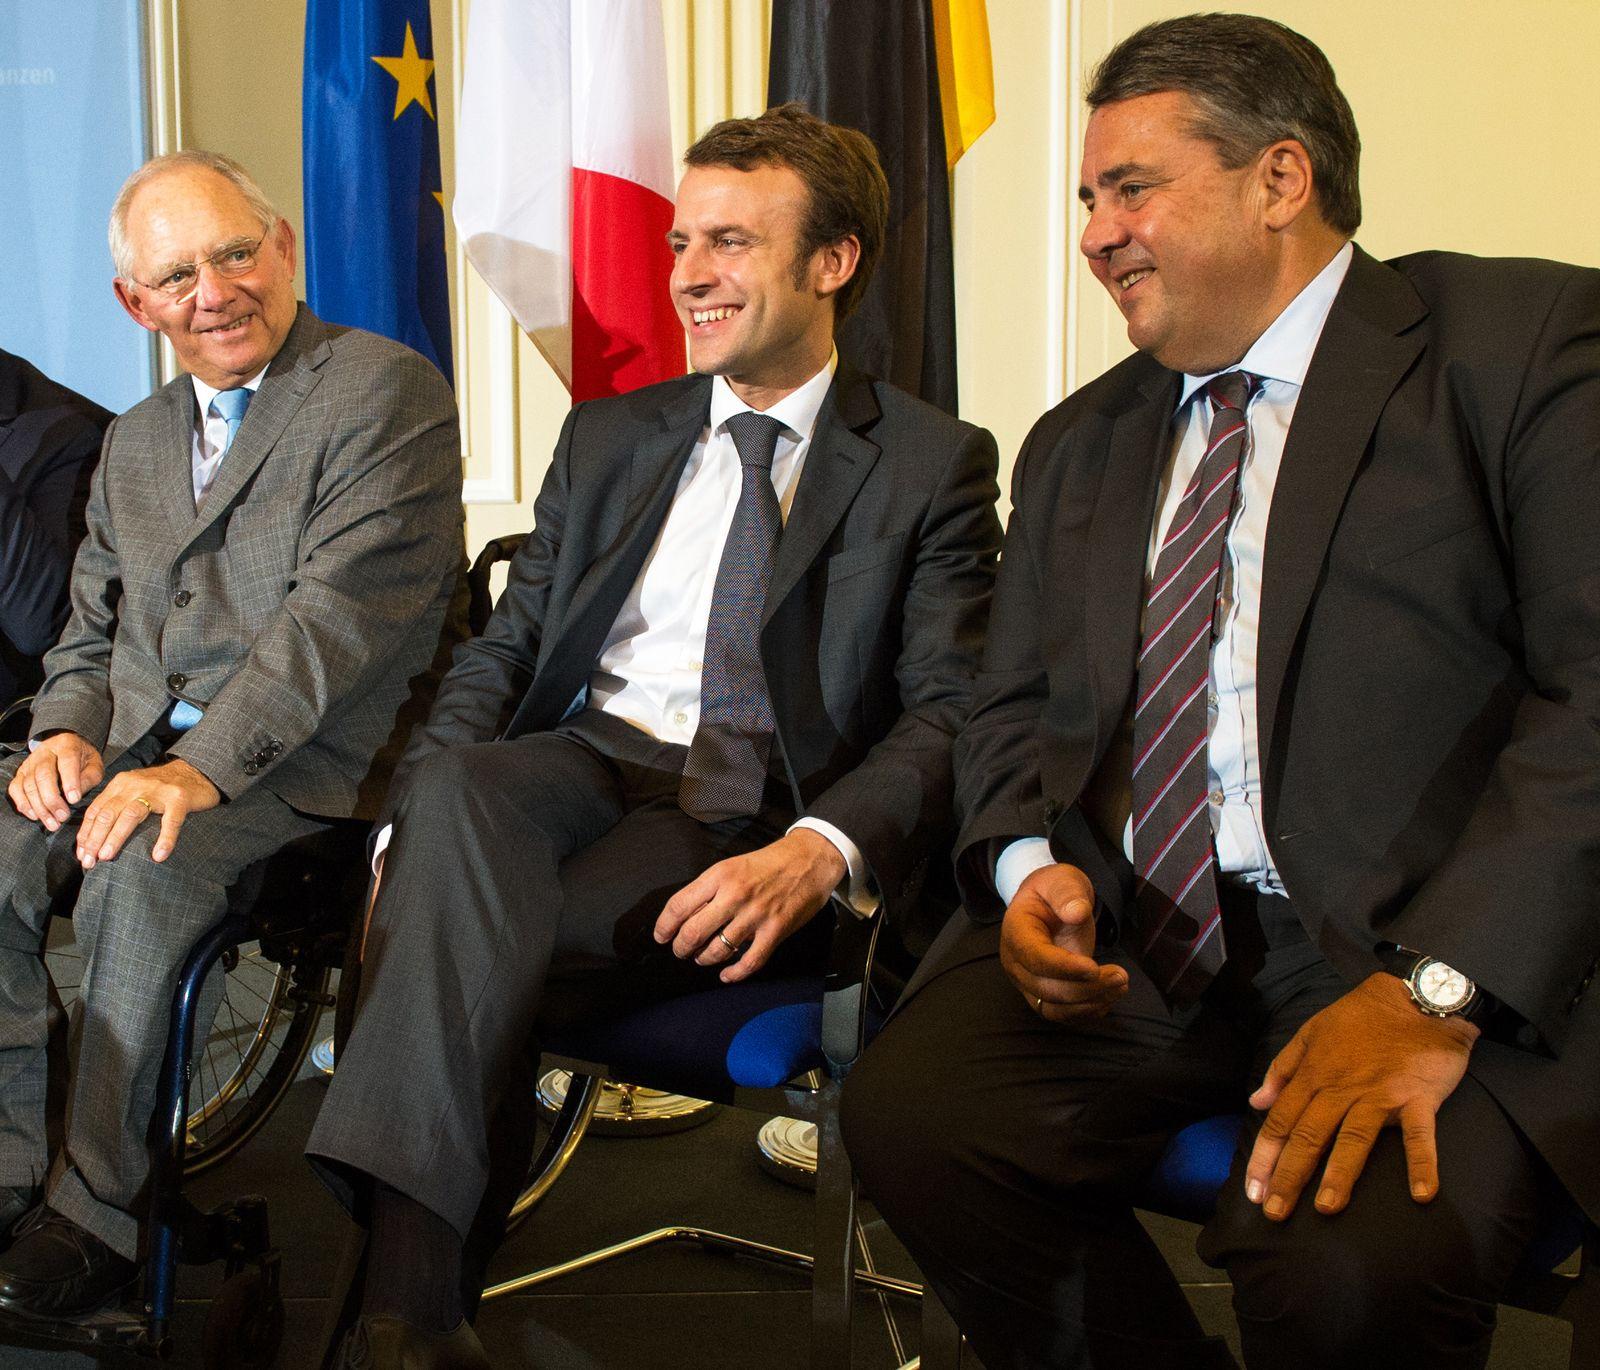 Macron / Schäuble / Gabriel